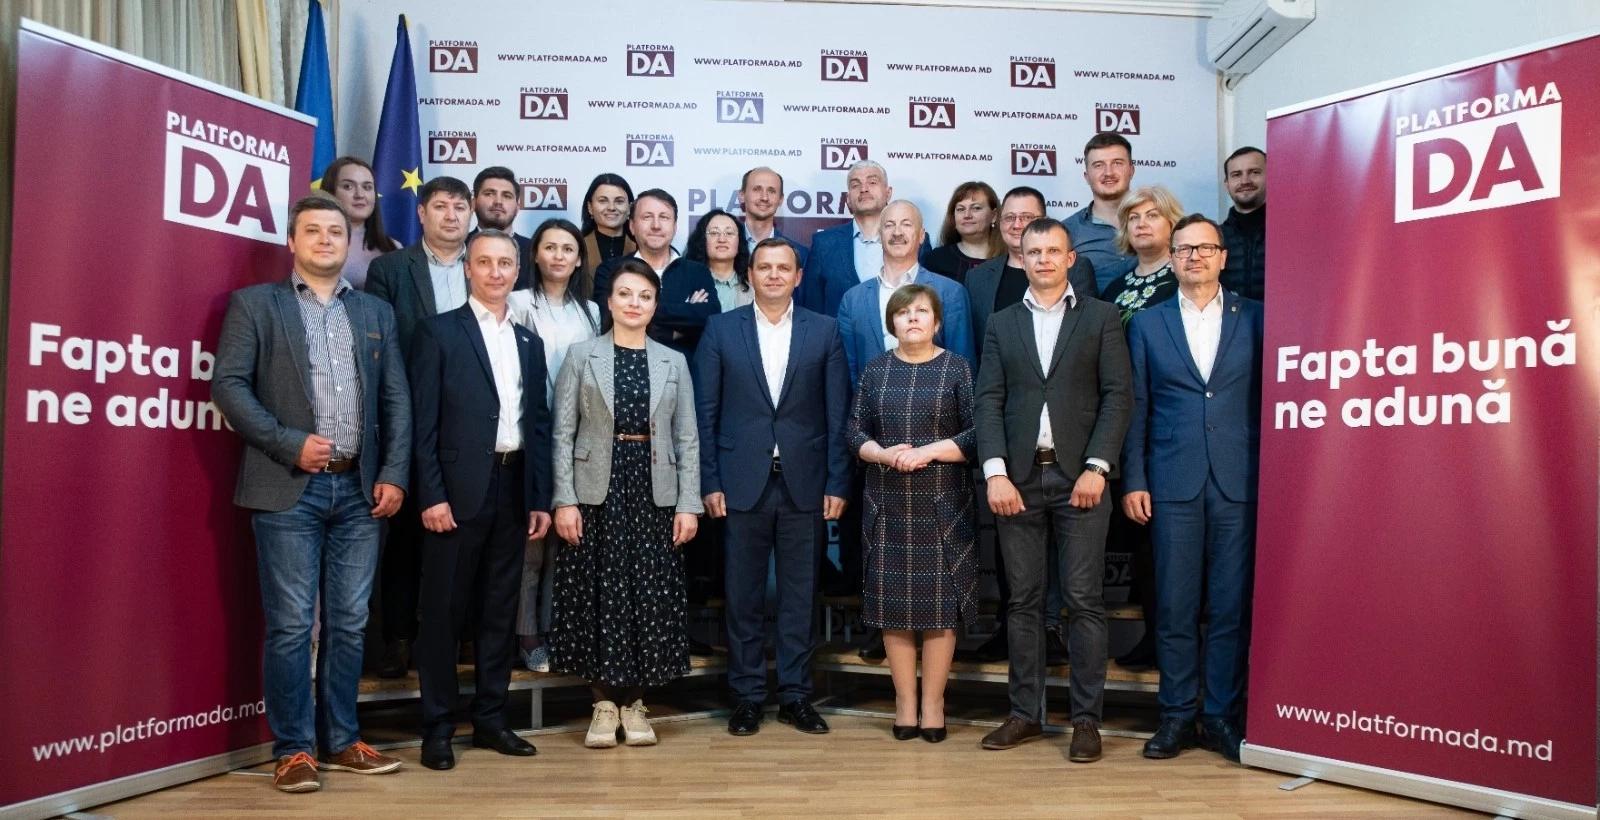 Platforma DA, înregistrată în calitate de concurent electoral